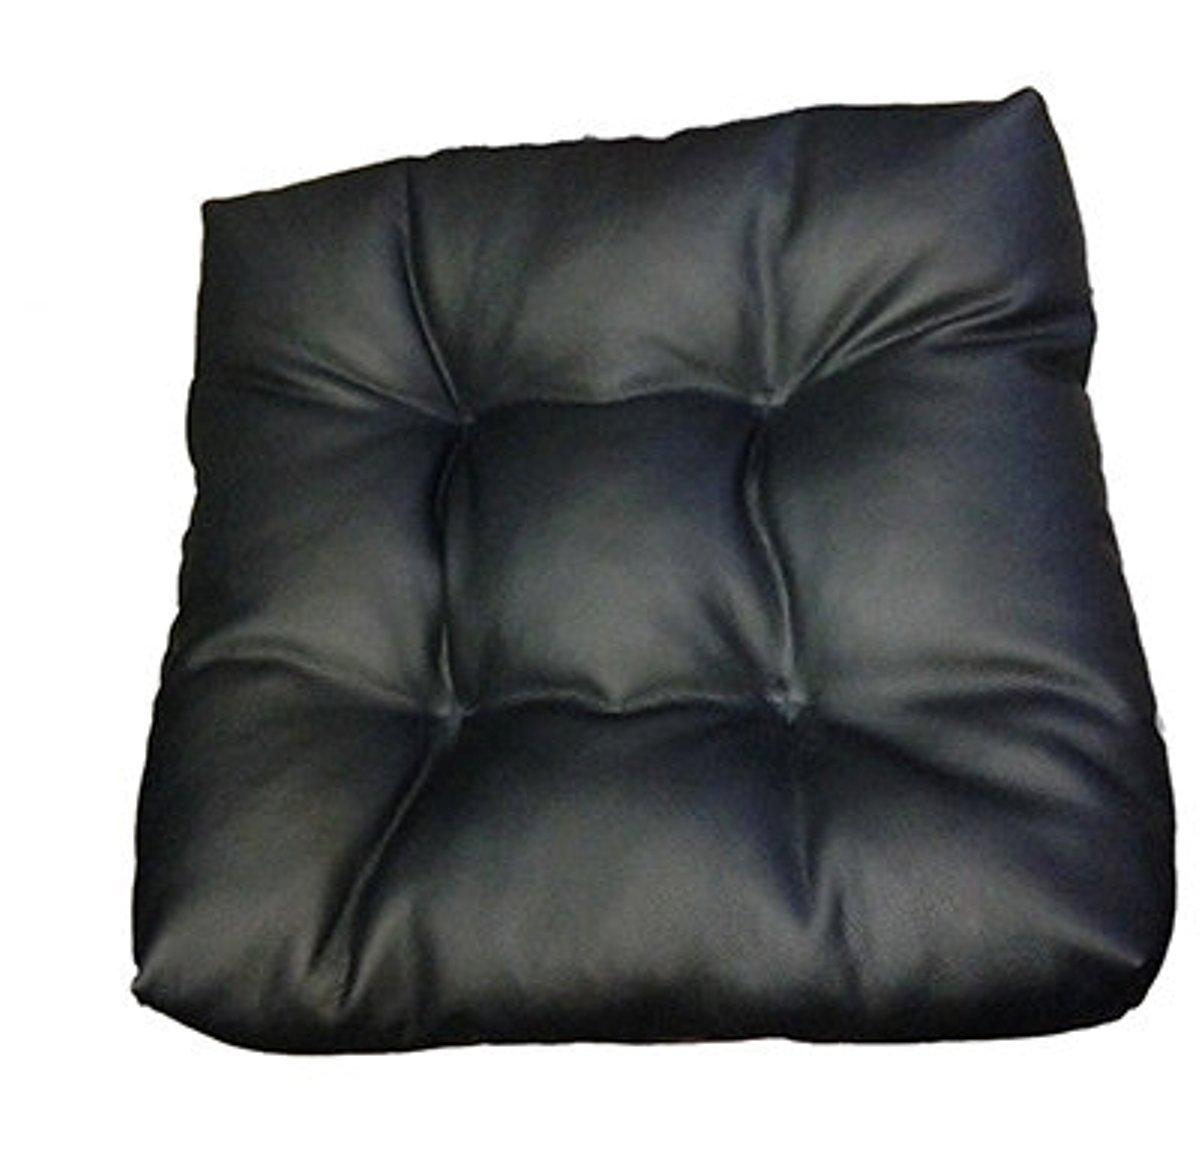 Подушка на сиденье Auto premium, с фиксирующим ремнем, цвет: черный. 77011/М081